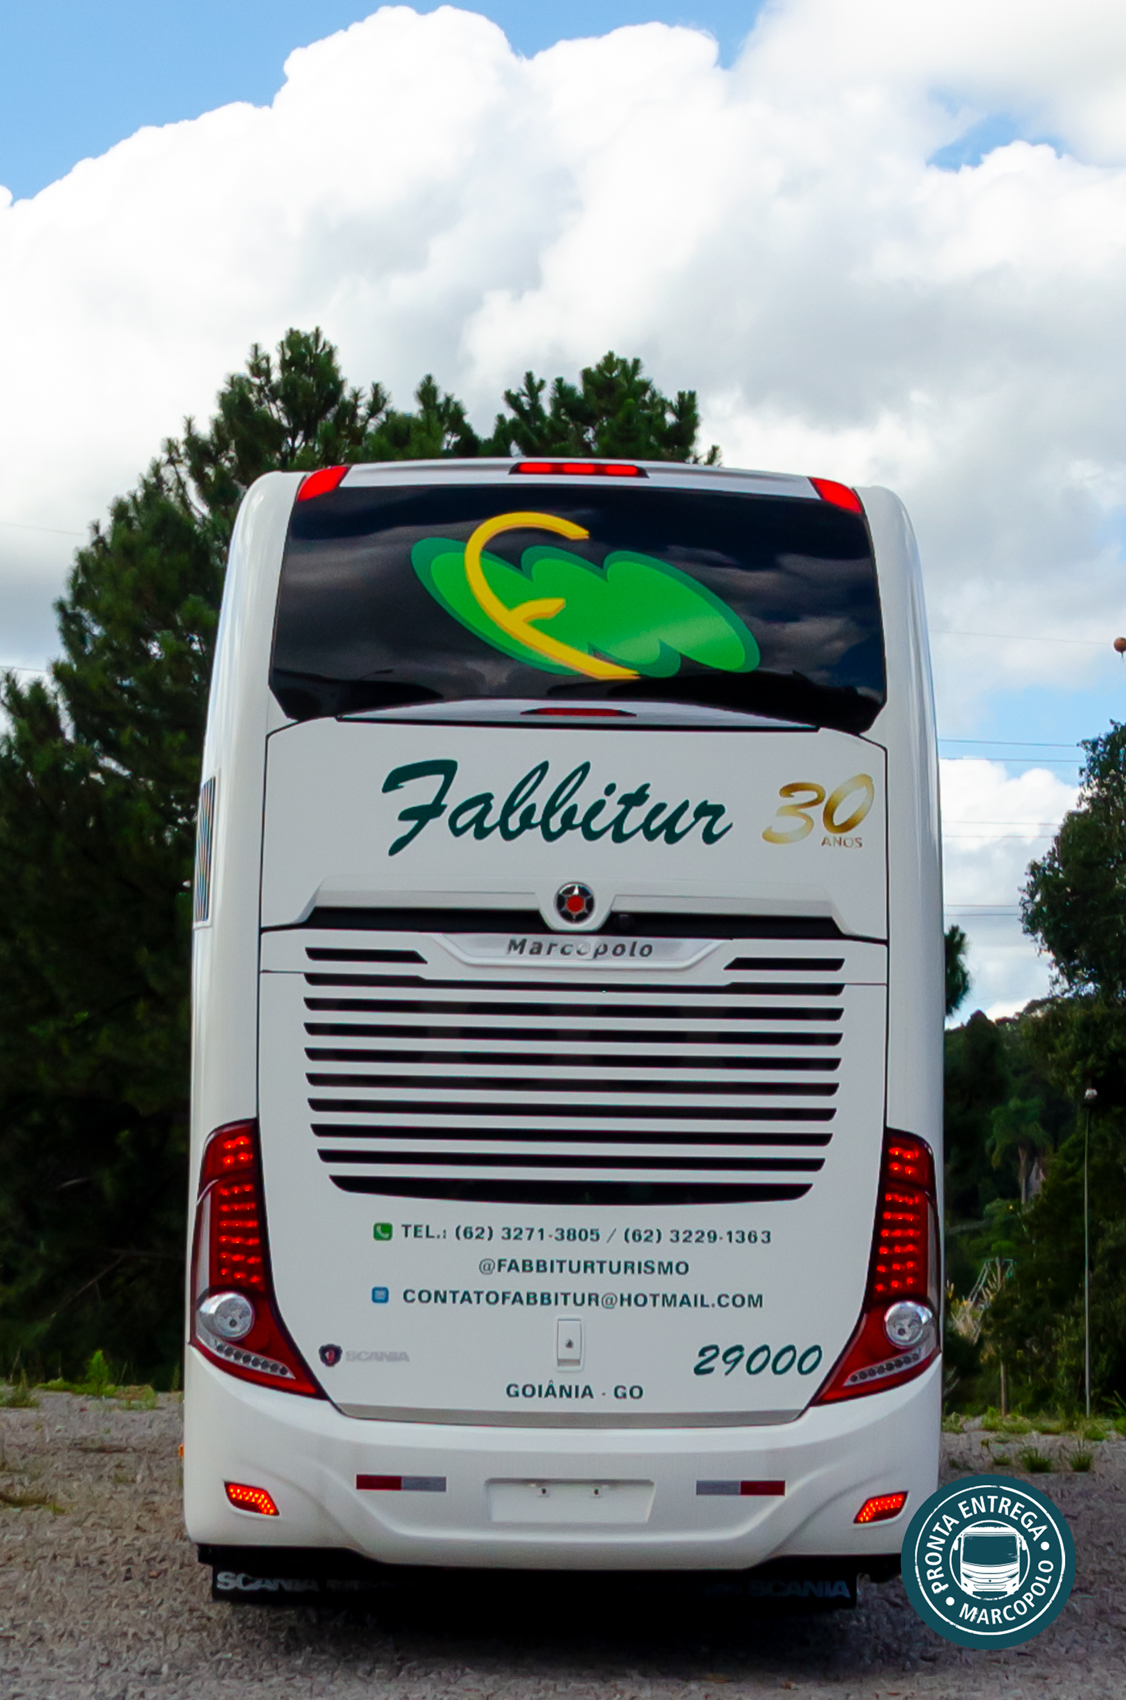 Fabbitur-(14)